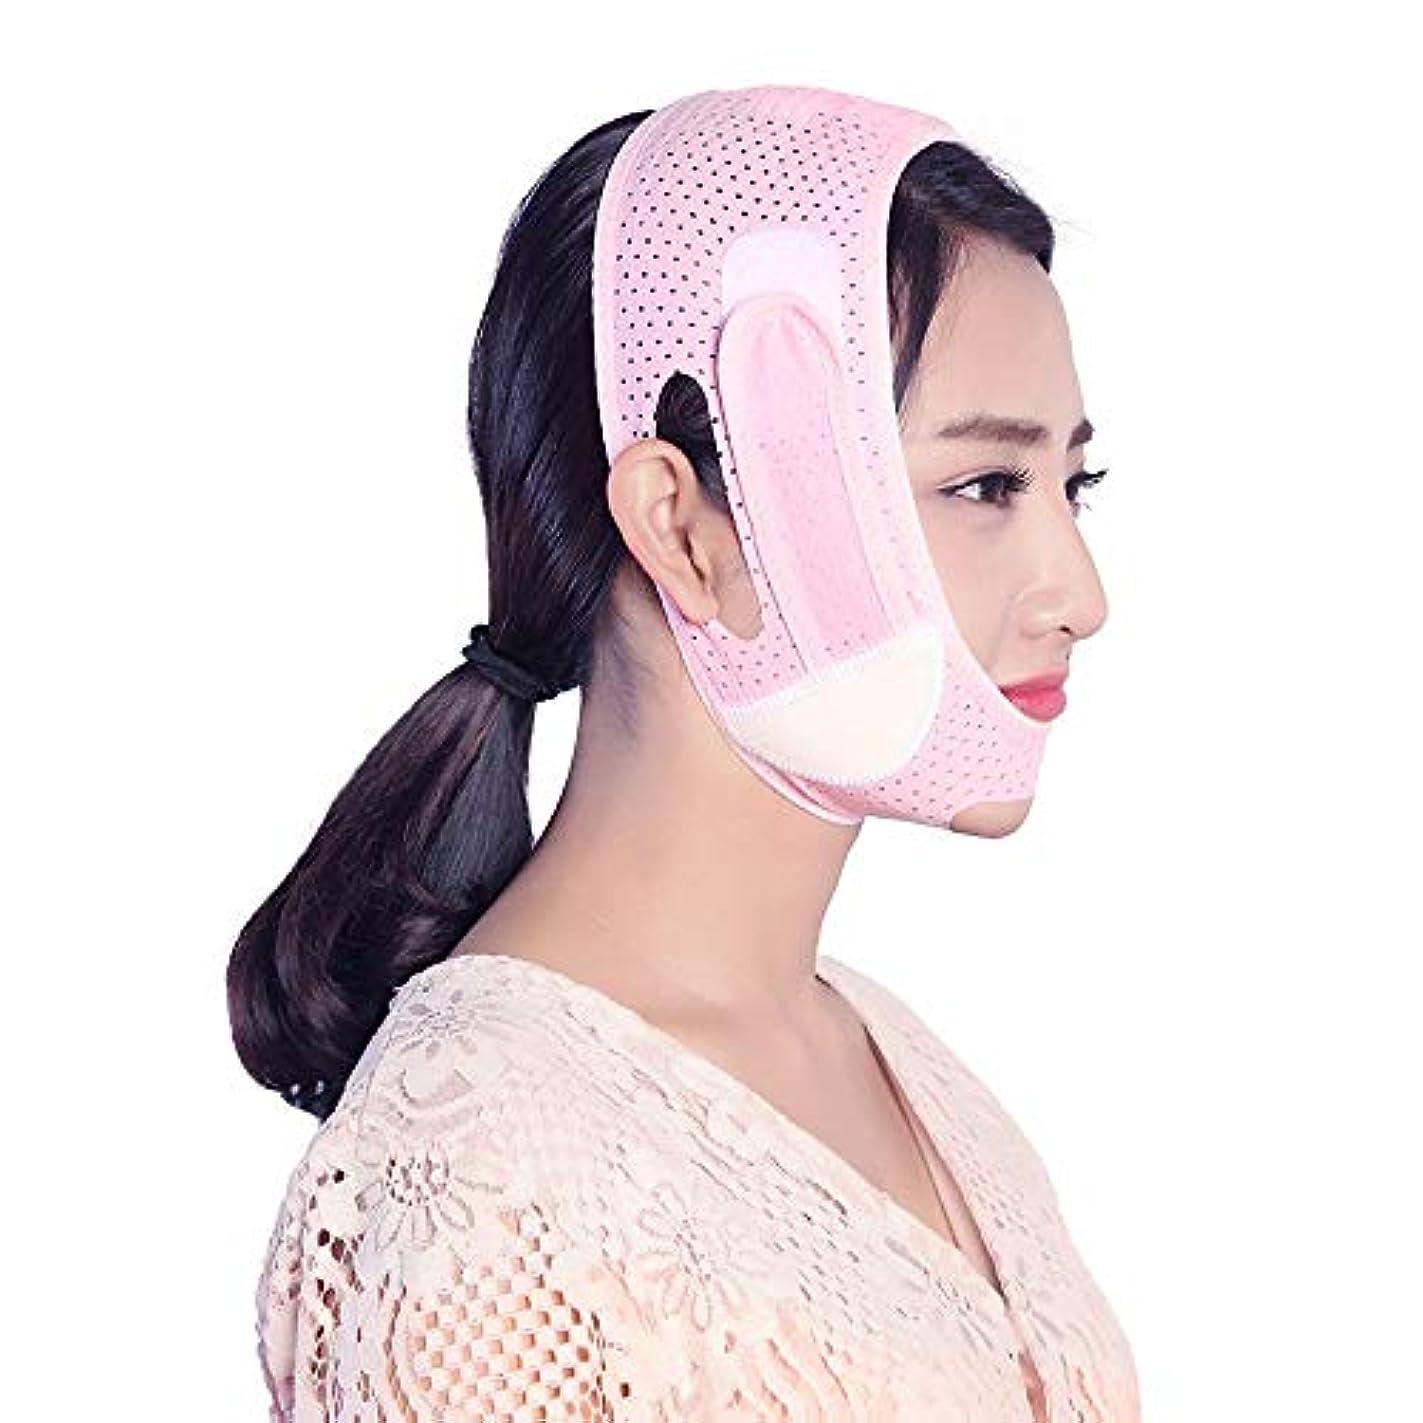 聴覚障害者インペリアル口径GYZ 睡眠薄い顔パッチ包帯吊り上げプルv顔引き締めどころアーティファクト判決パターン二重あご薄いマッセルマスク - ピンク Thin Face Belt